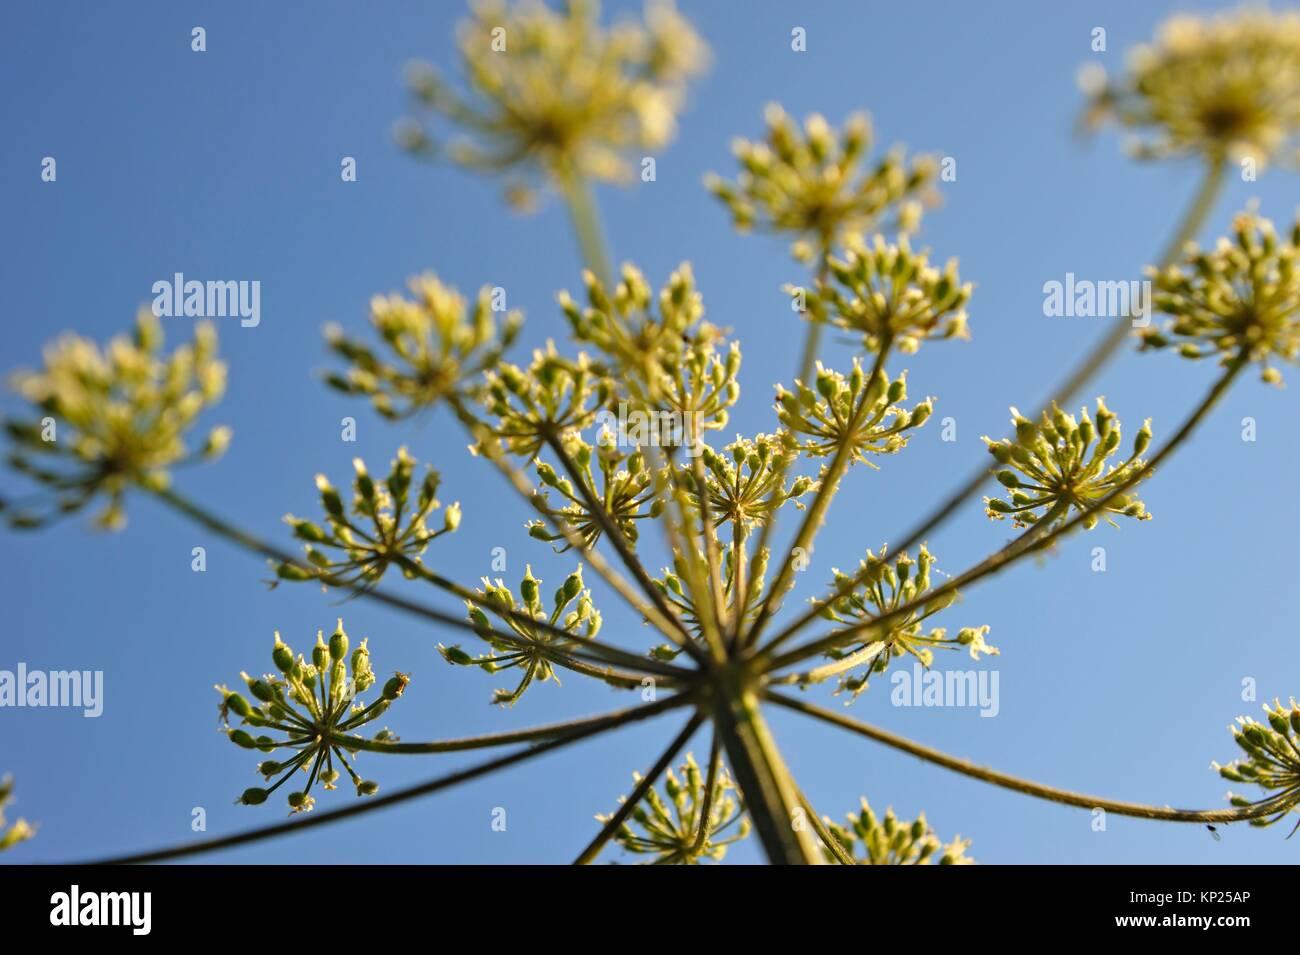 umbel of apiaceae, France, Europe. Stock Photo